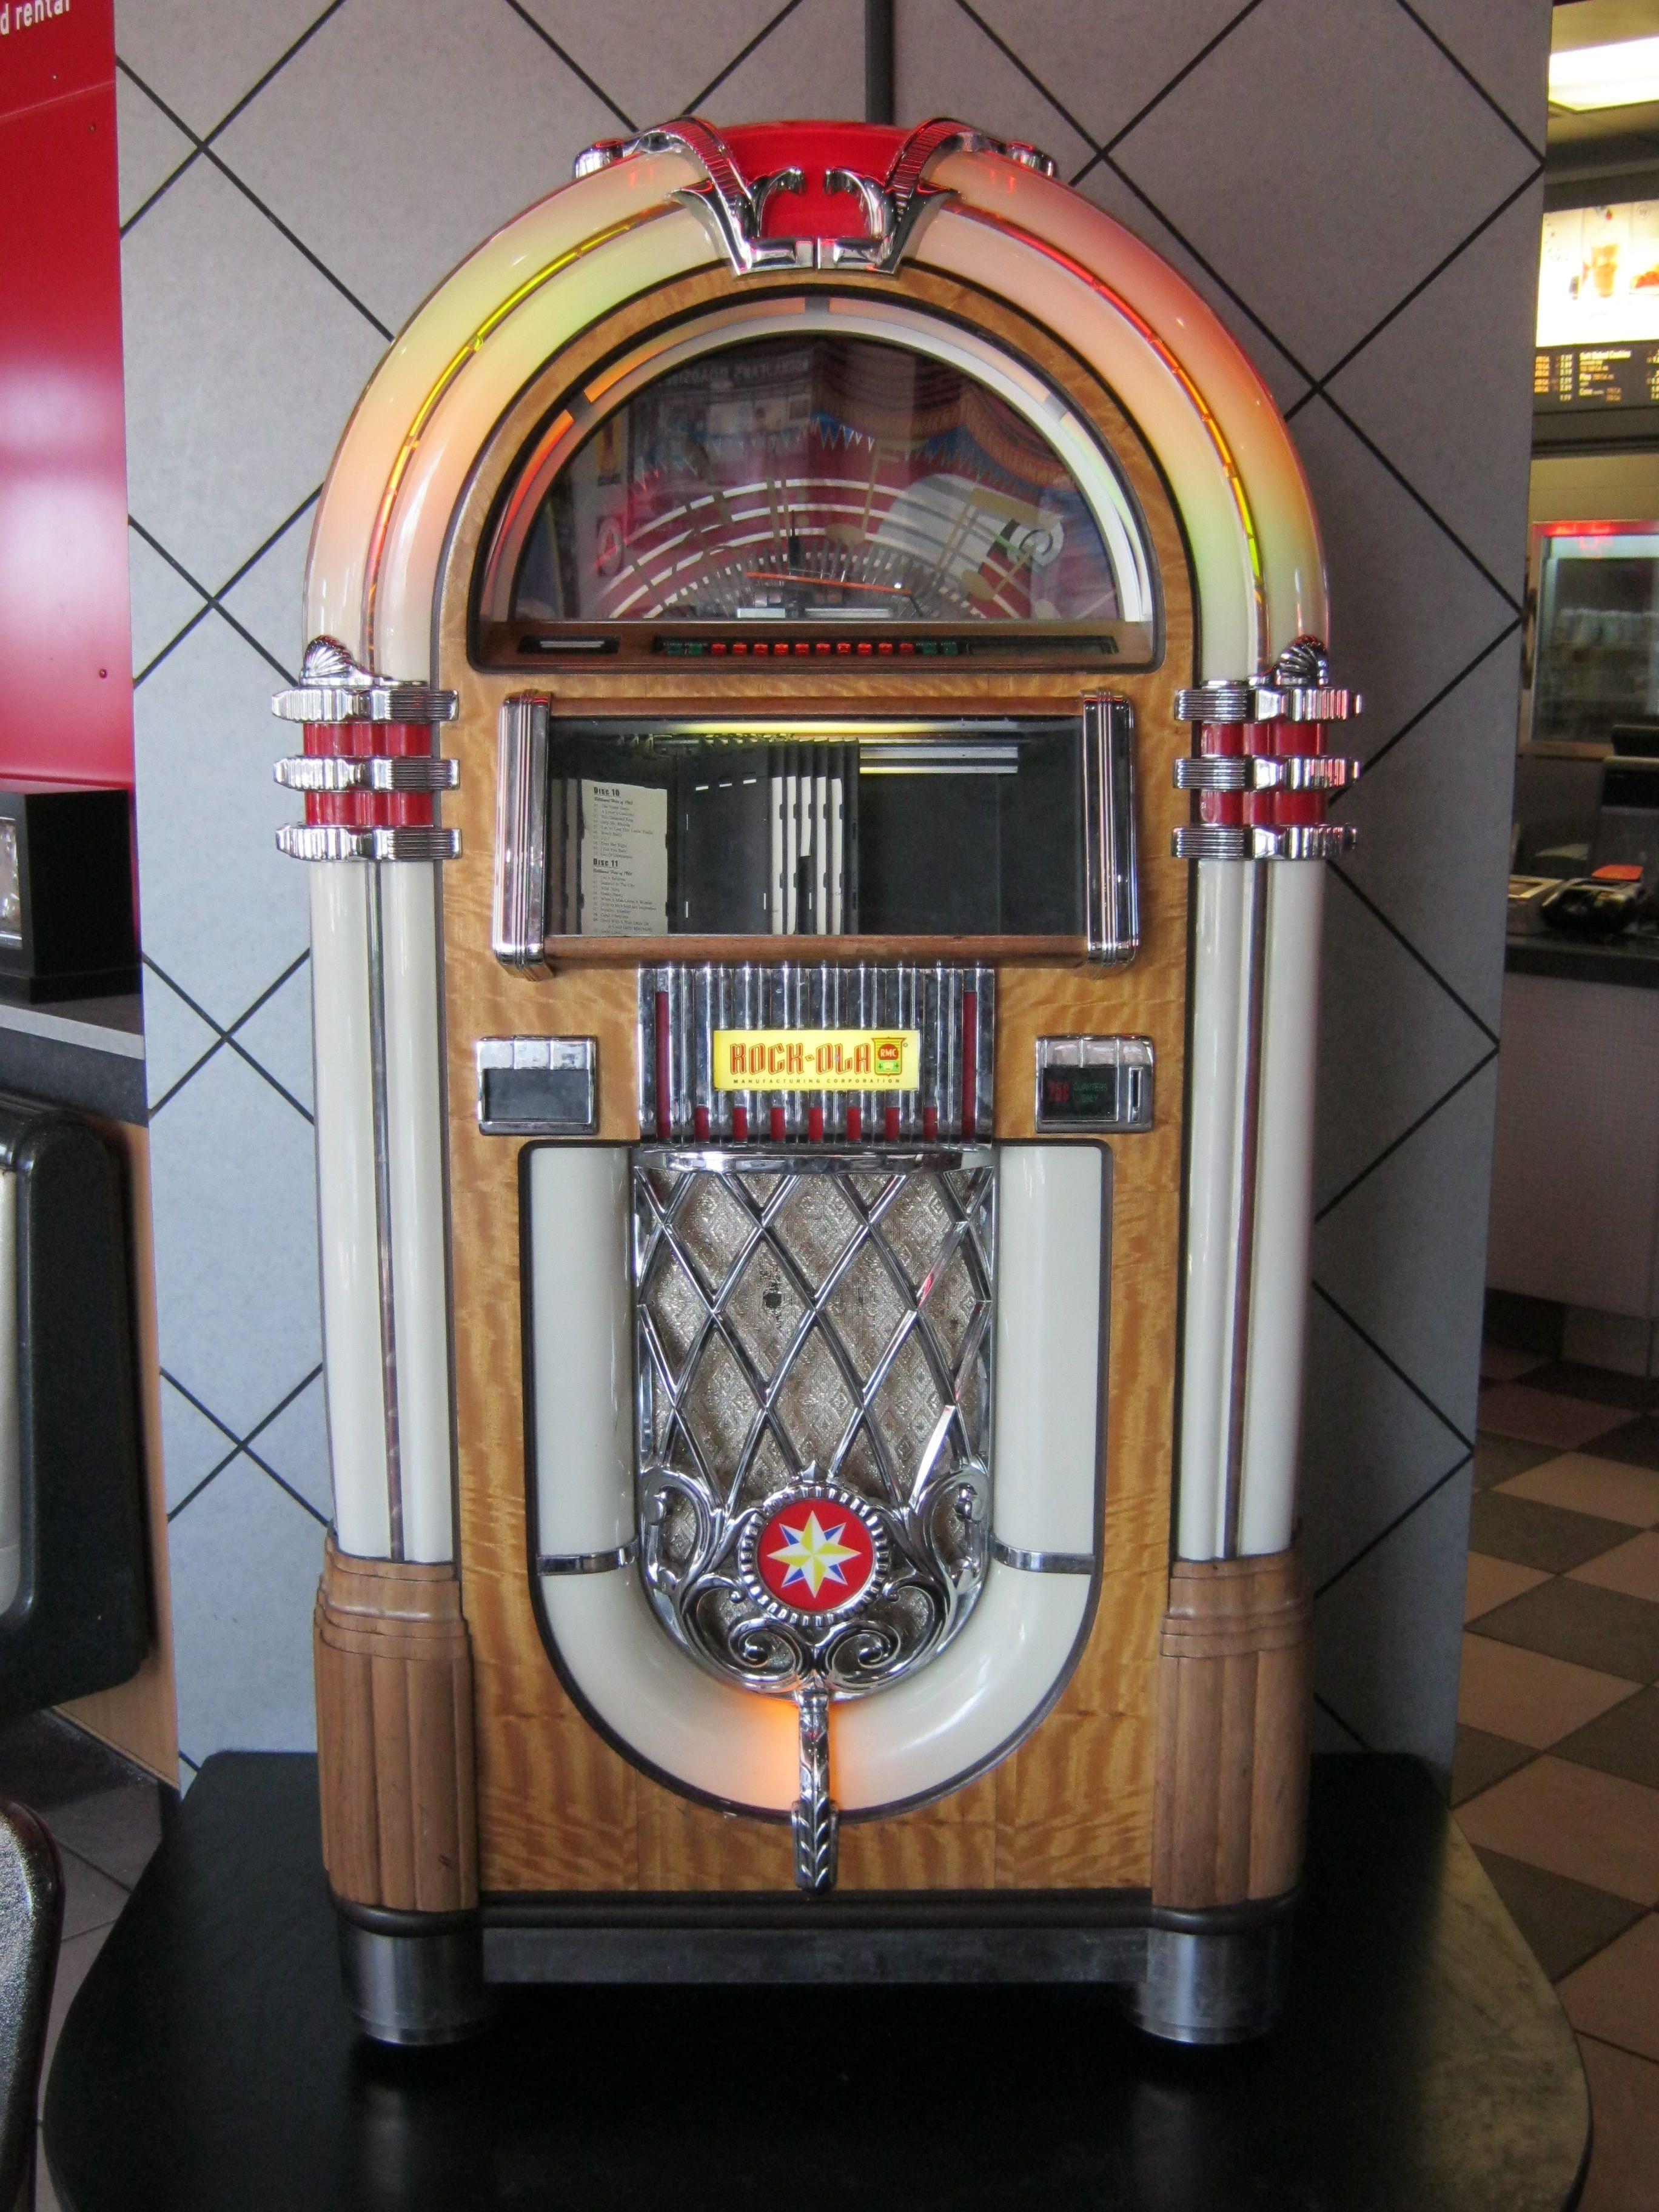 Jukebox photo taken at a mcdonalds at st louis park mn